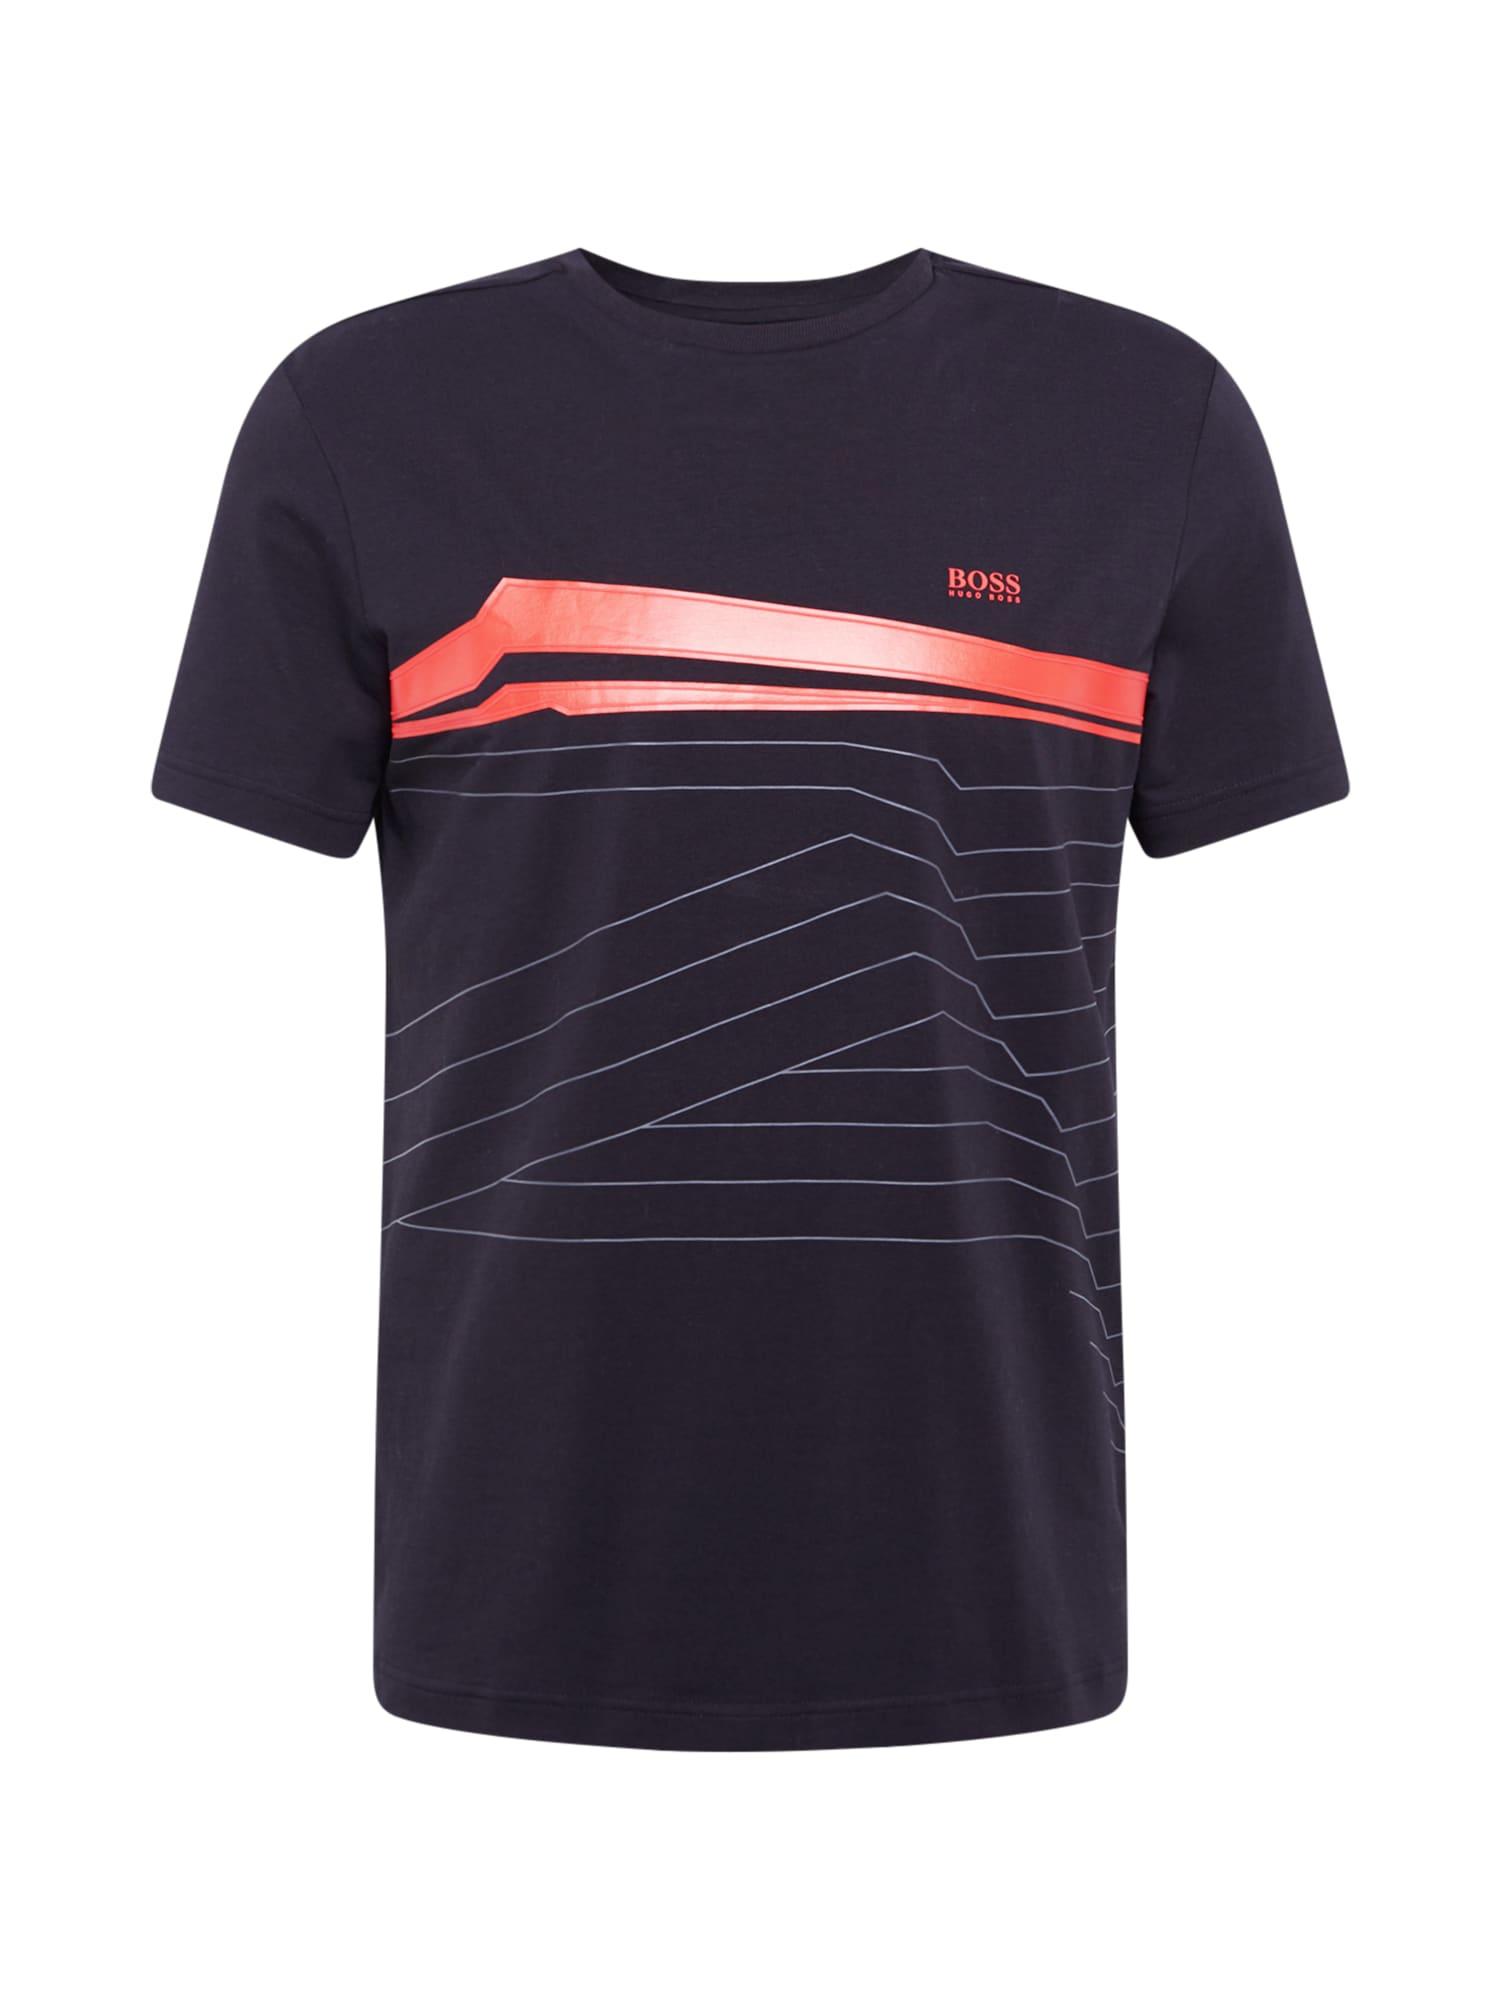 BOSS ATHLEISURE Marškinėliai juoda / raudona / nakties mėlyna